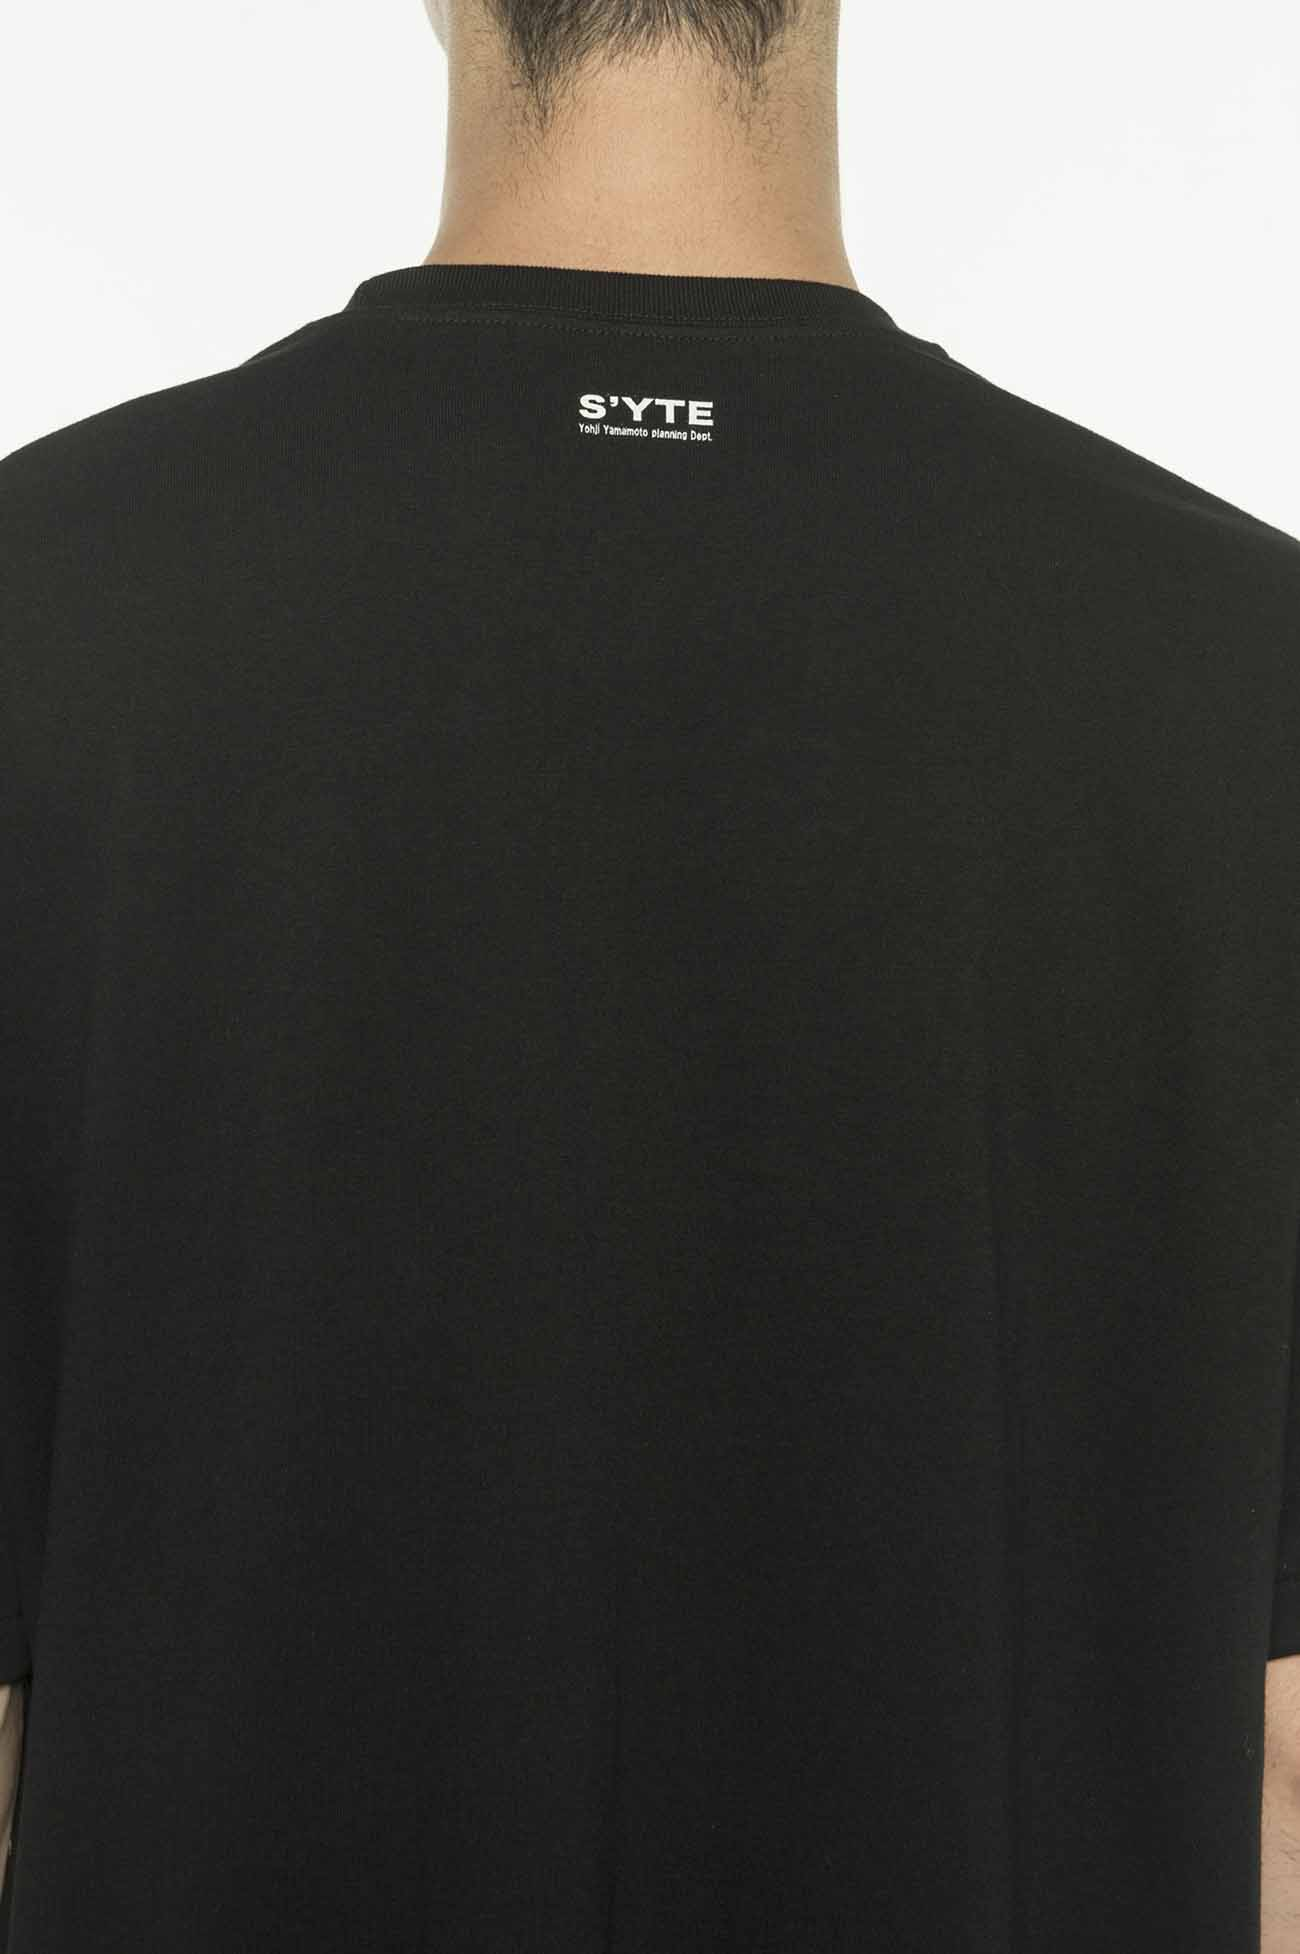 20 /纯棉针织Ds'yte金属骷髅T恤